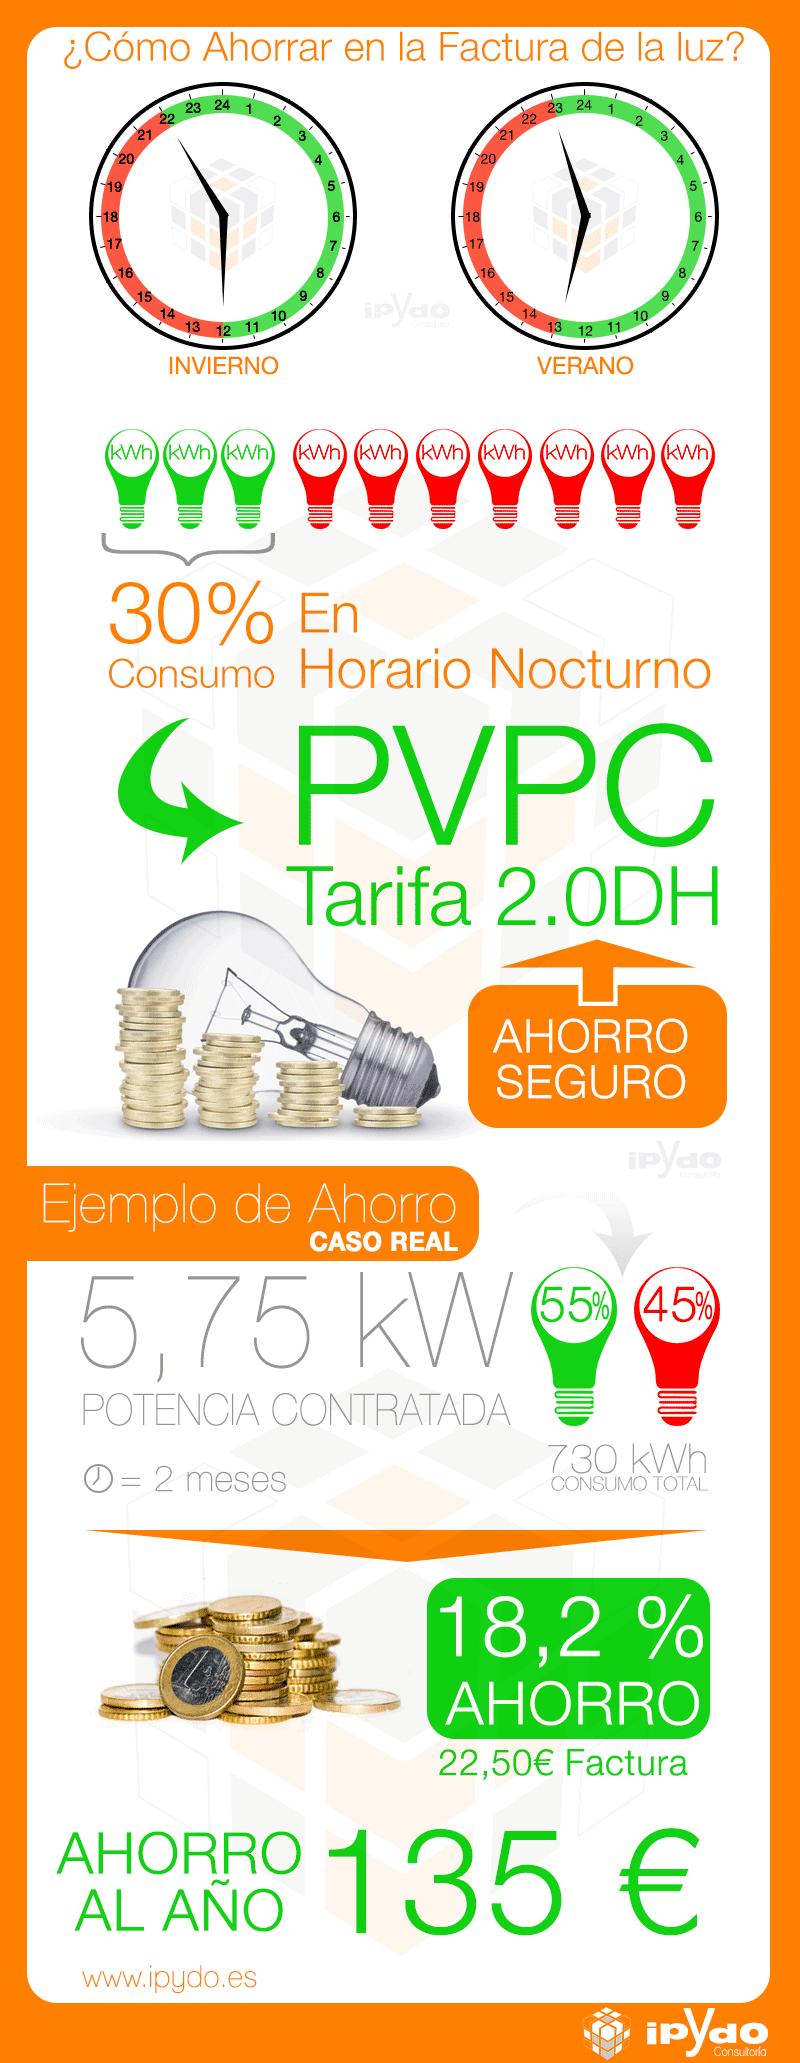 Ahorrar en la factura de la luz pvpc 2 0 dh consultor a ipydo ingenieria alicante - Ahorrar en la factura de la luz ...